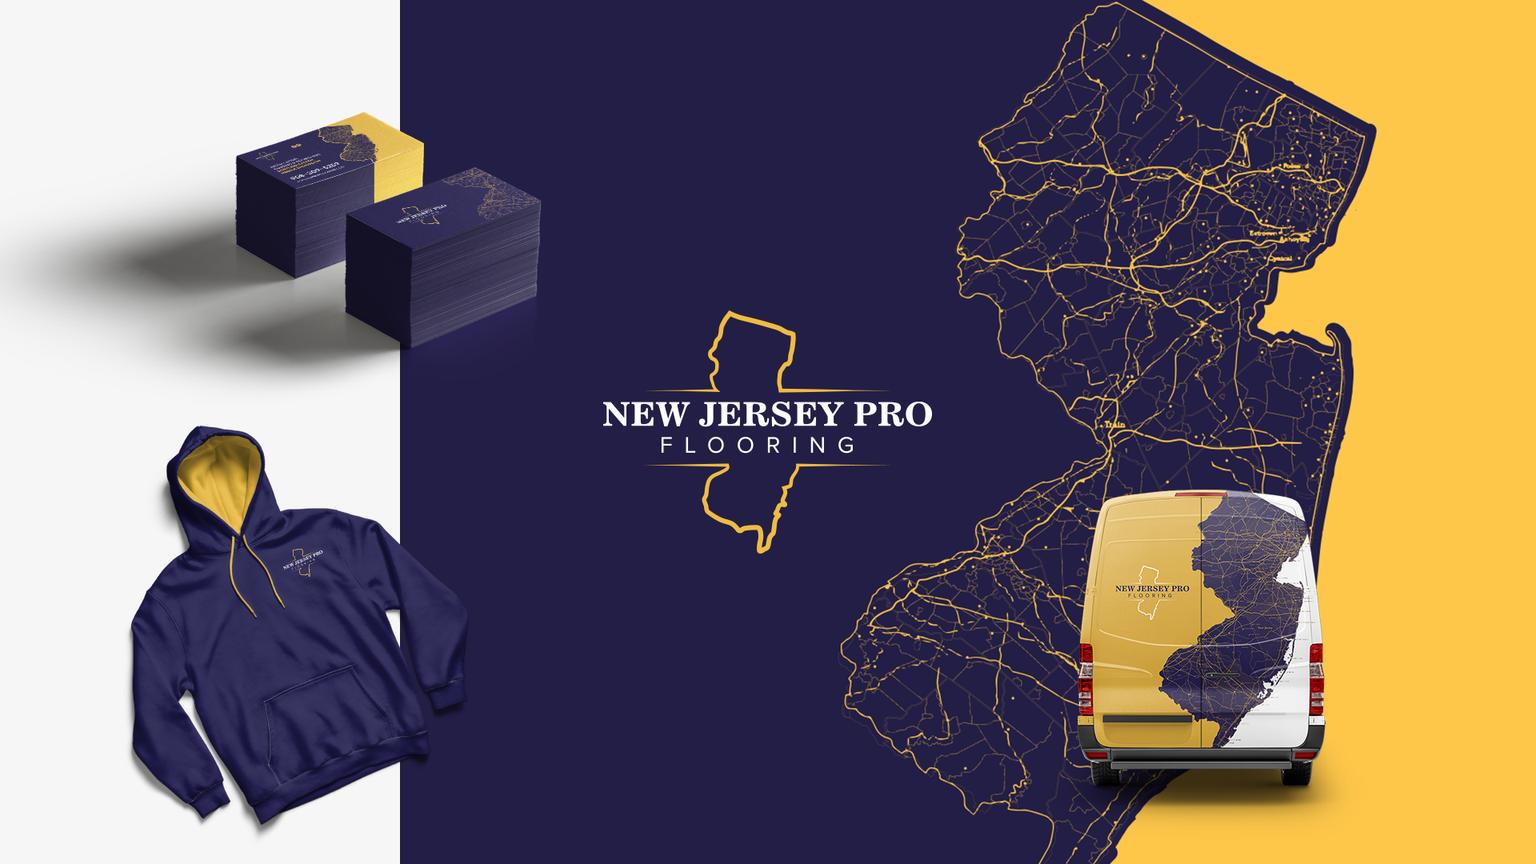 NJ Pro